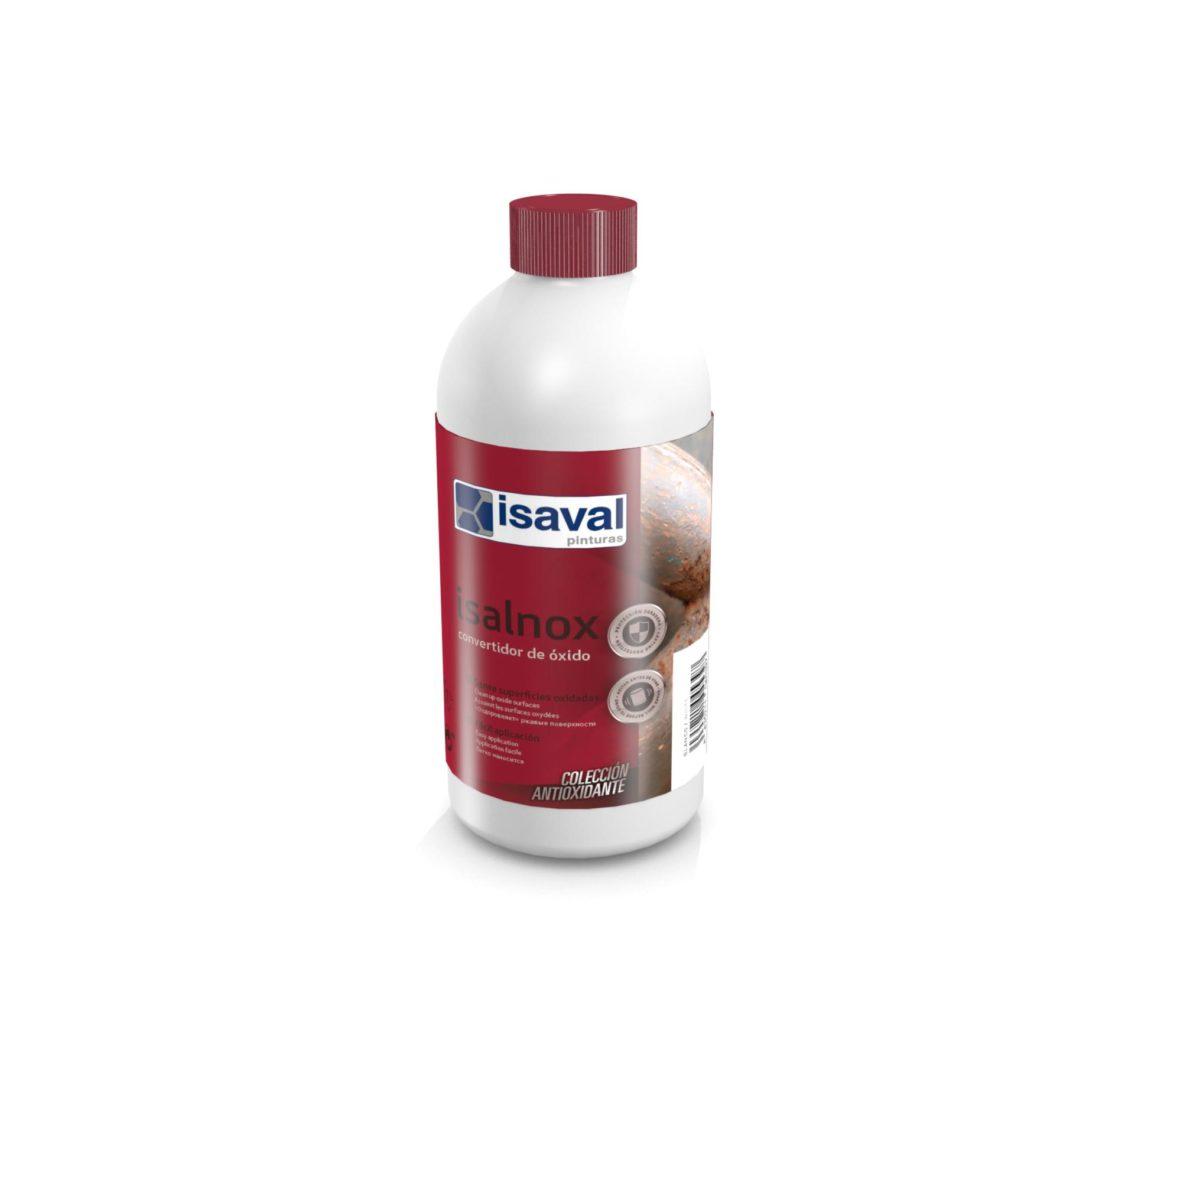 Isalnox Convertidor de óxido. Fijador anticorrosivo de Pinturas Isaval